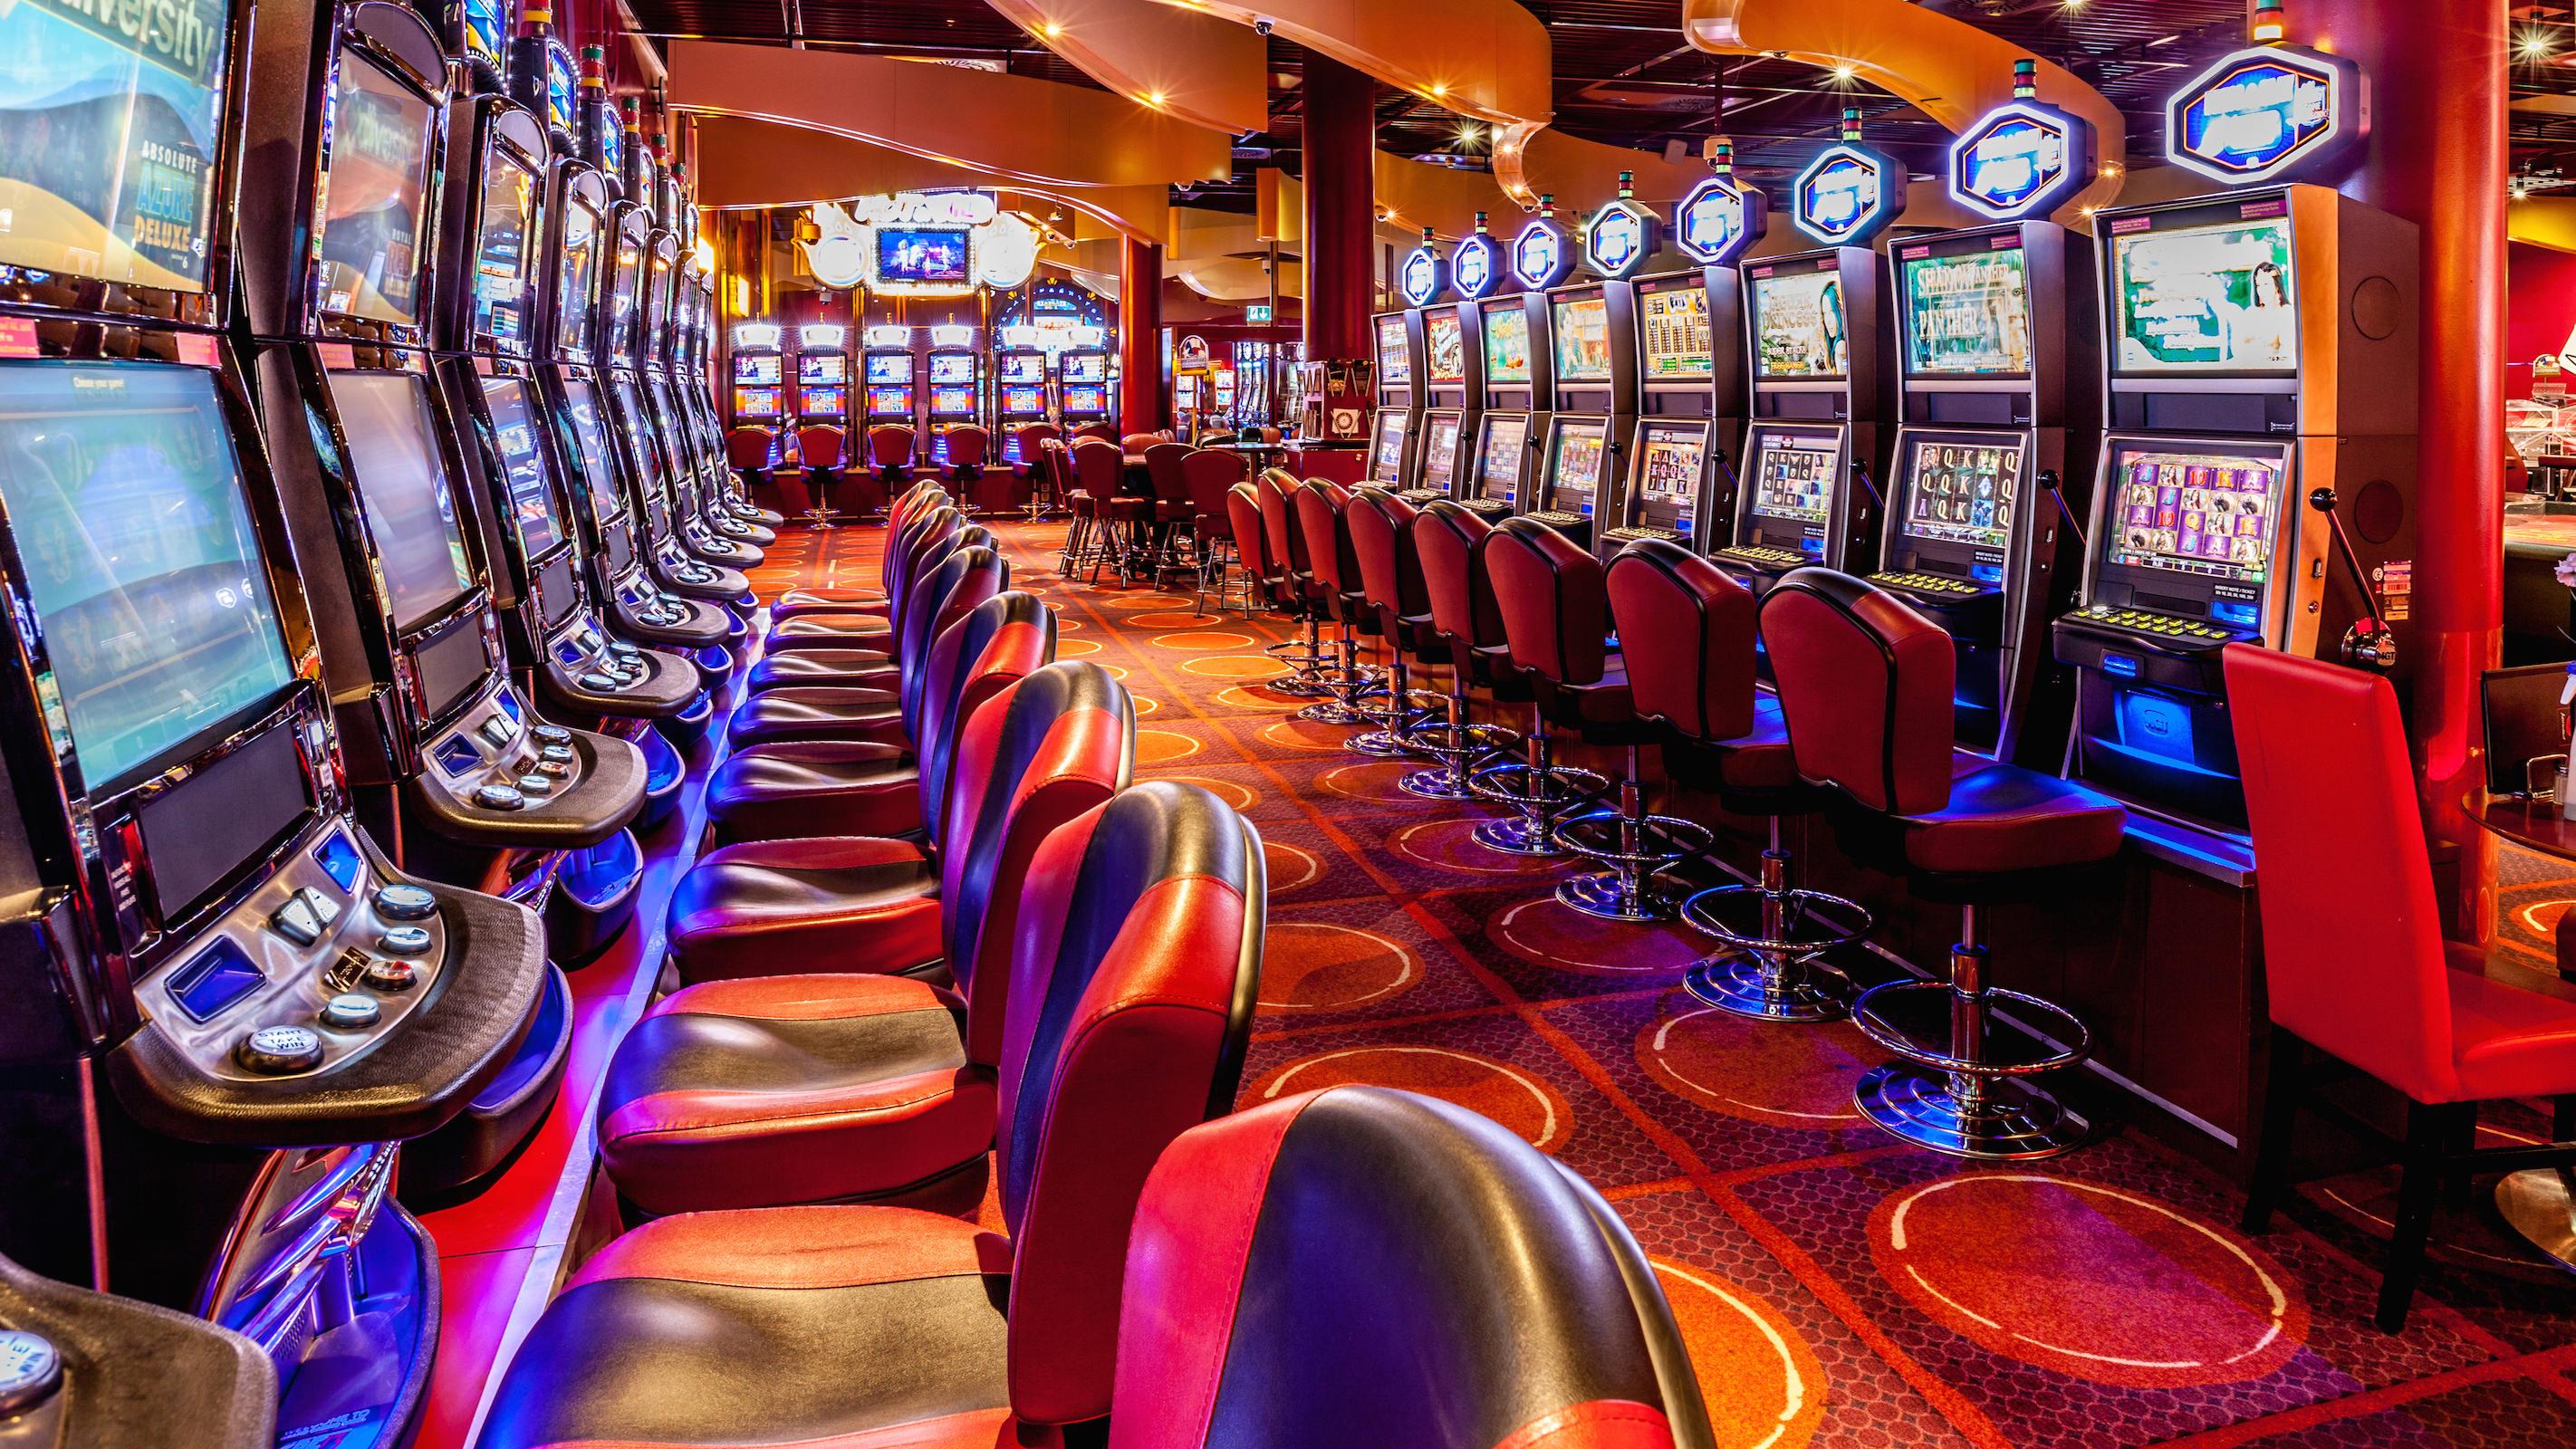 Grand Games Casino